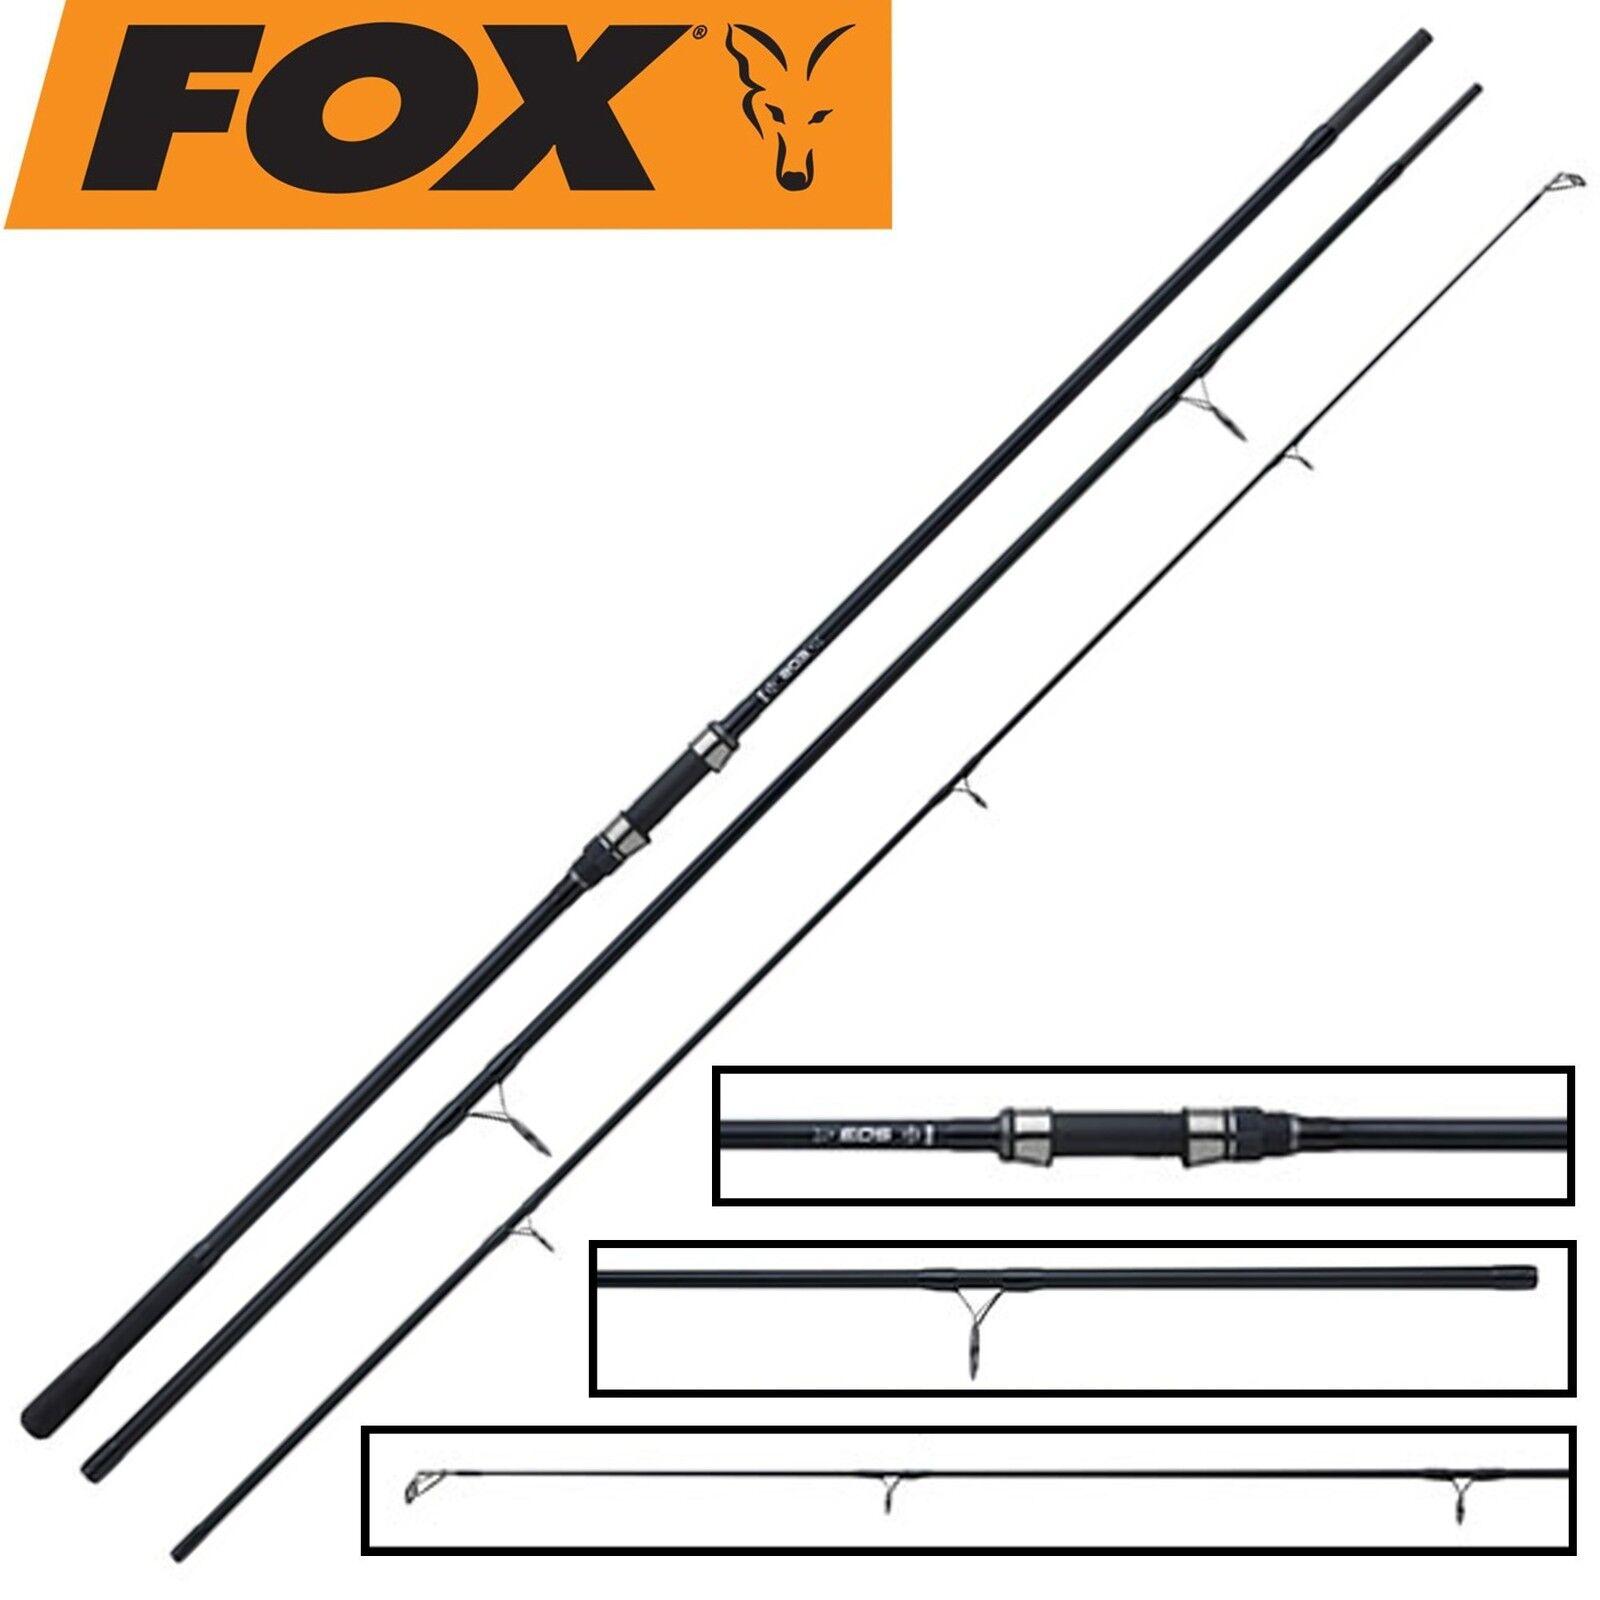 Fox Eos Abbreviated Handle 12ft 3lbs - Karpfenrute für Boiliemontagen, Angelrute